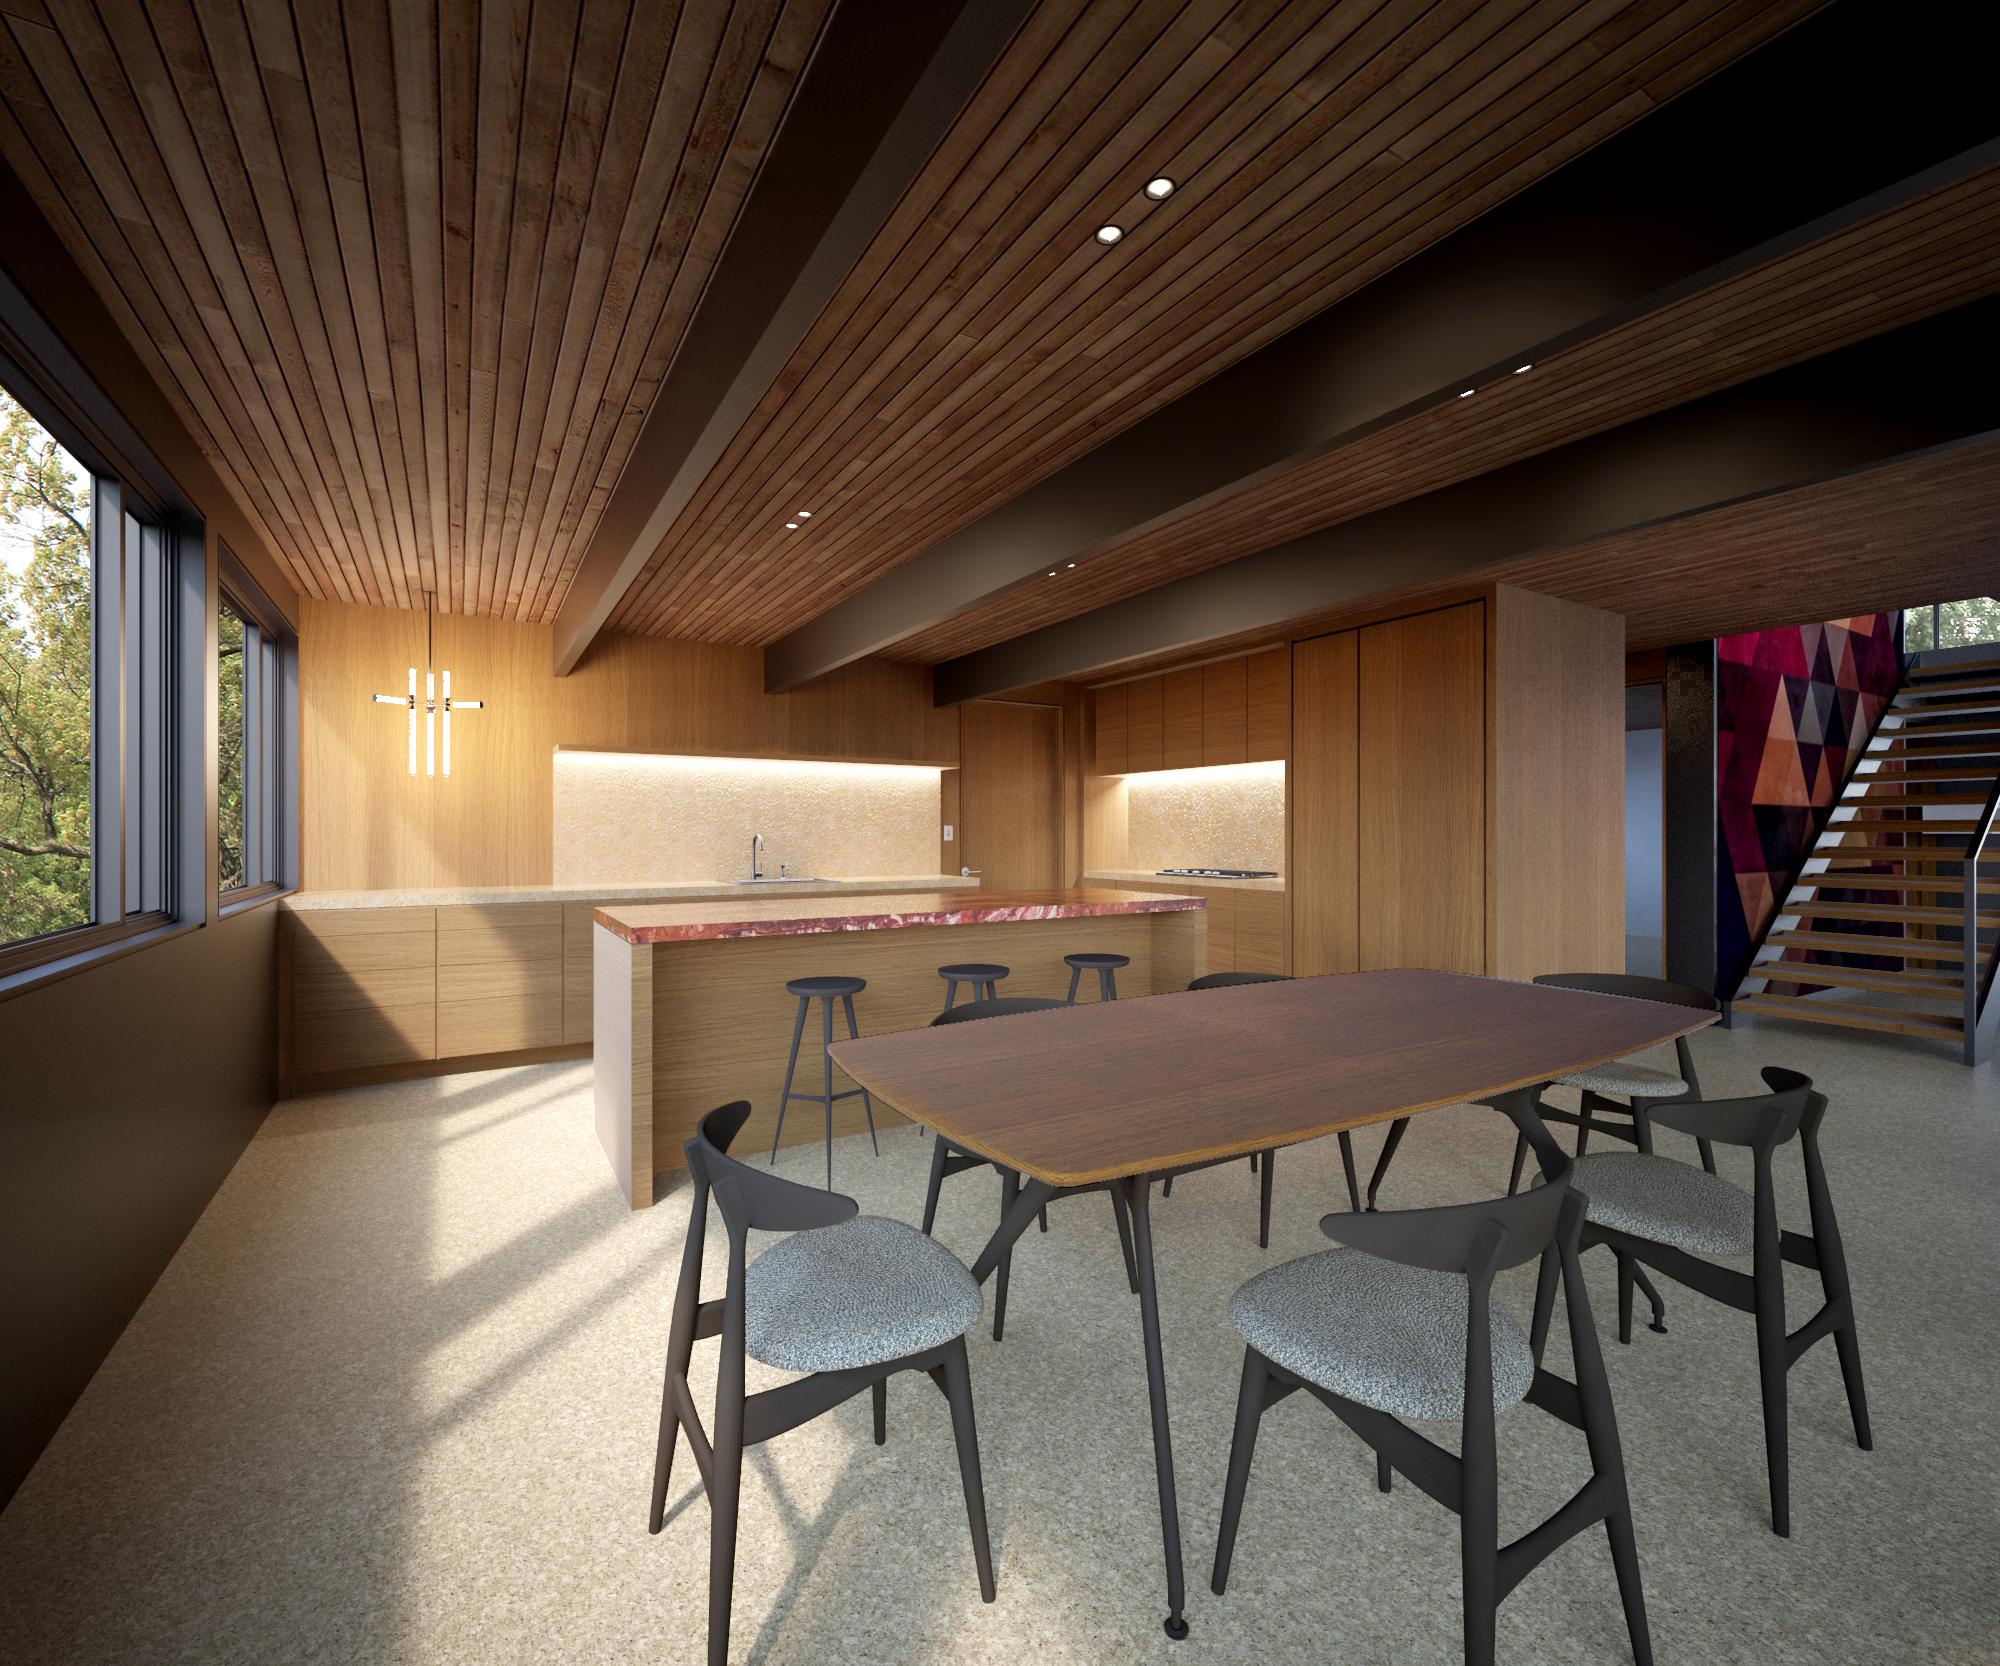 HN_161220_Kitchen 1.jpg